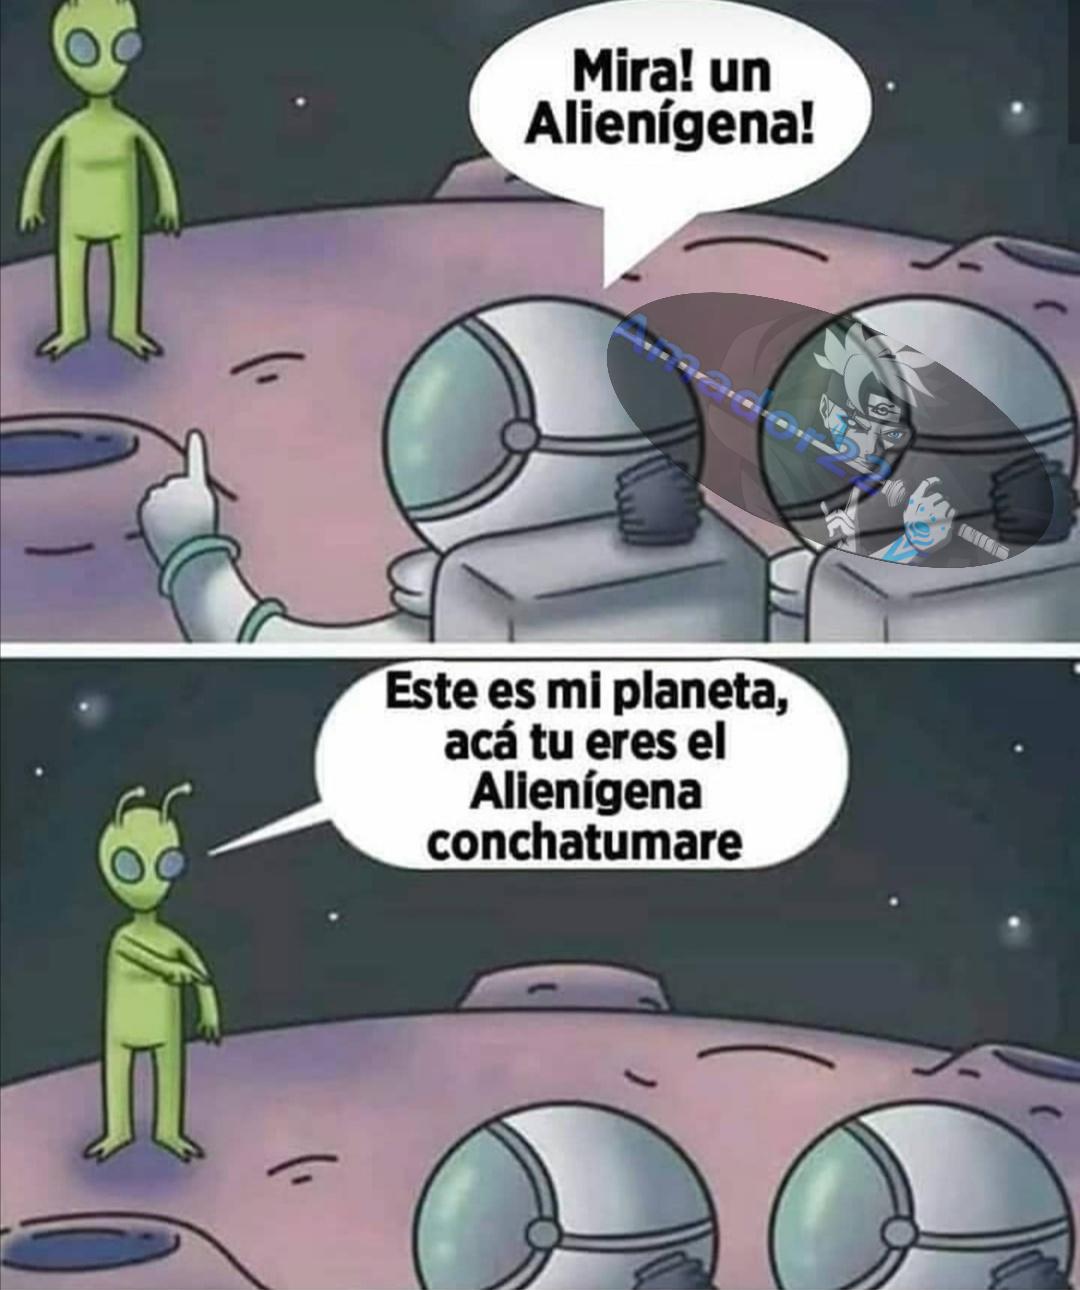 Somos alienígenas - meme